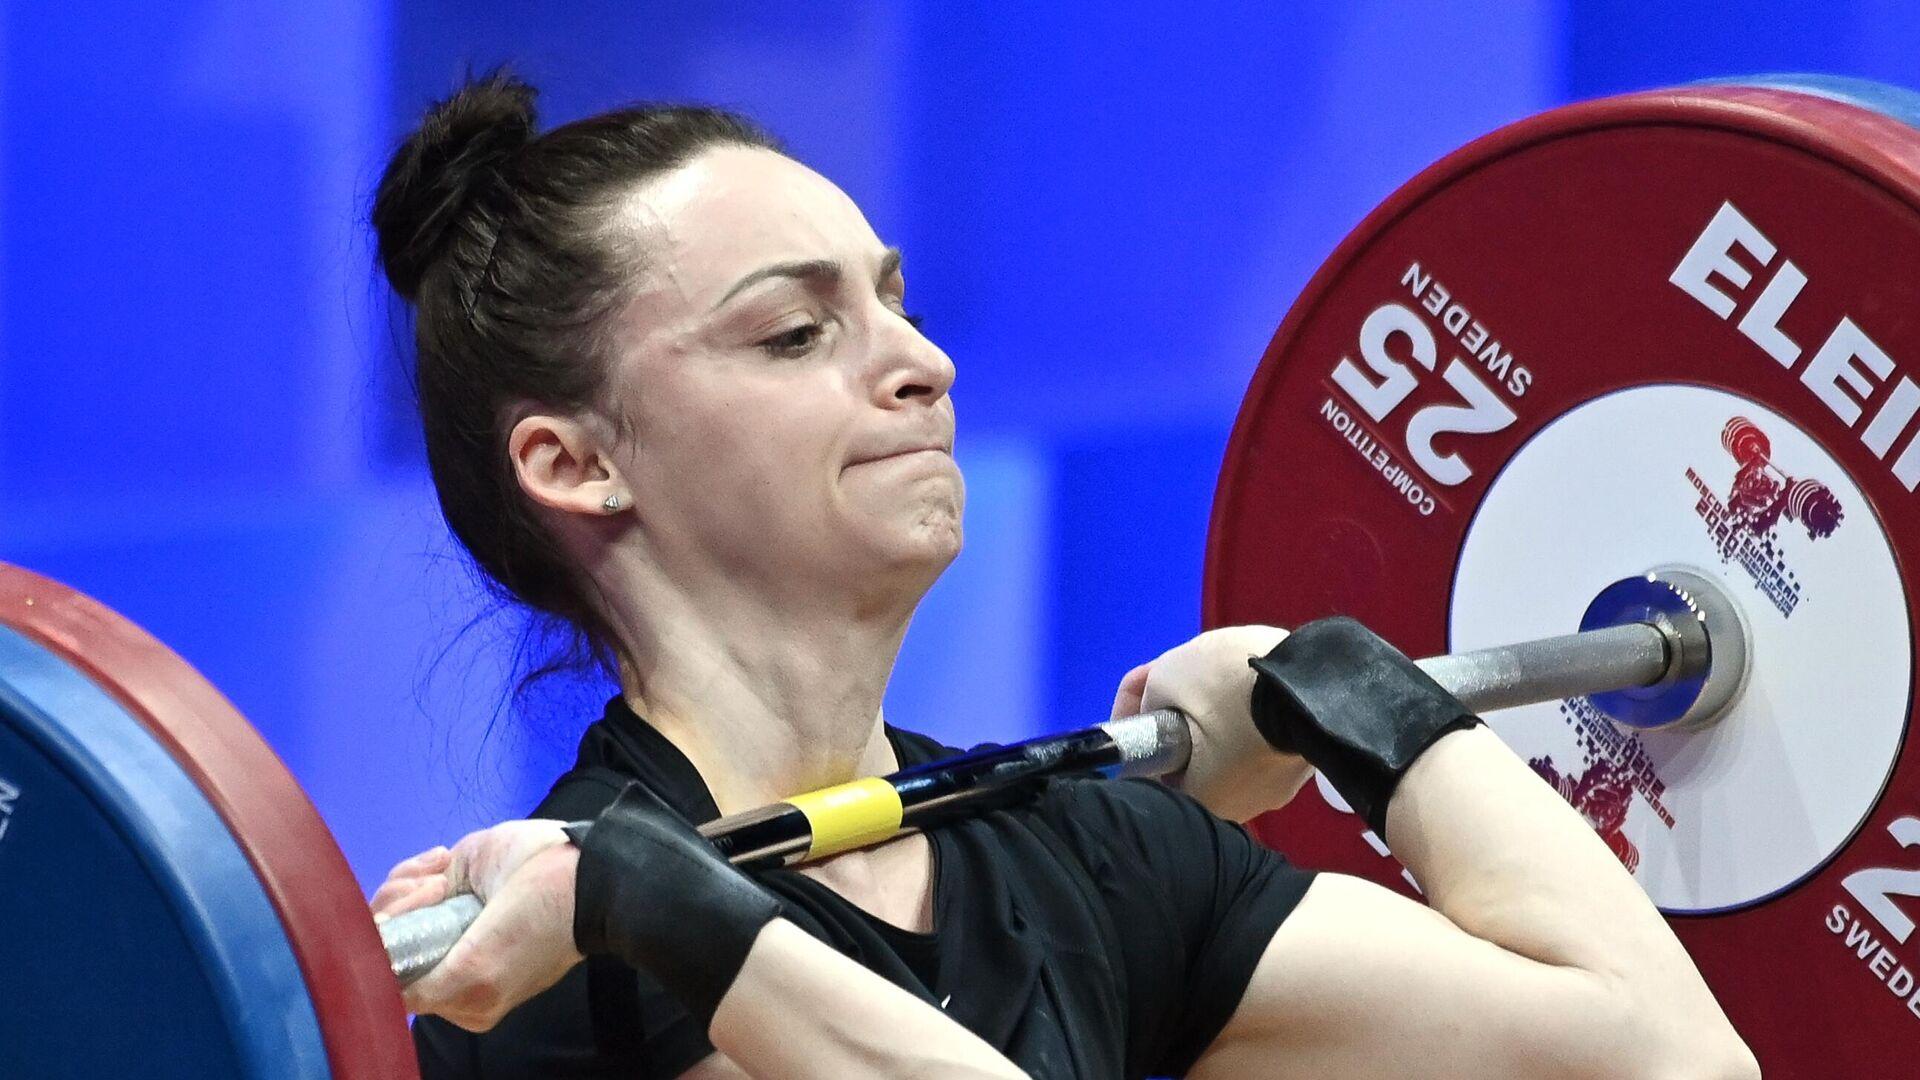 Светлана Ершова (Россия) выступает на чемпионате Европы по тяжелой атлетике в весовой категории до 55 кг среди женщин в Москве. - РИА Новости, 1920, 04.04.2021